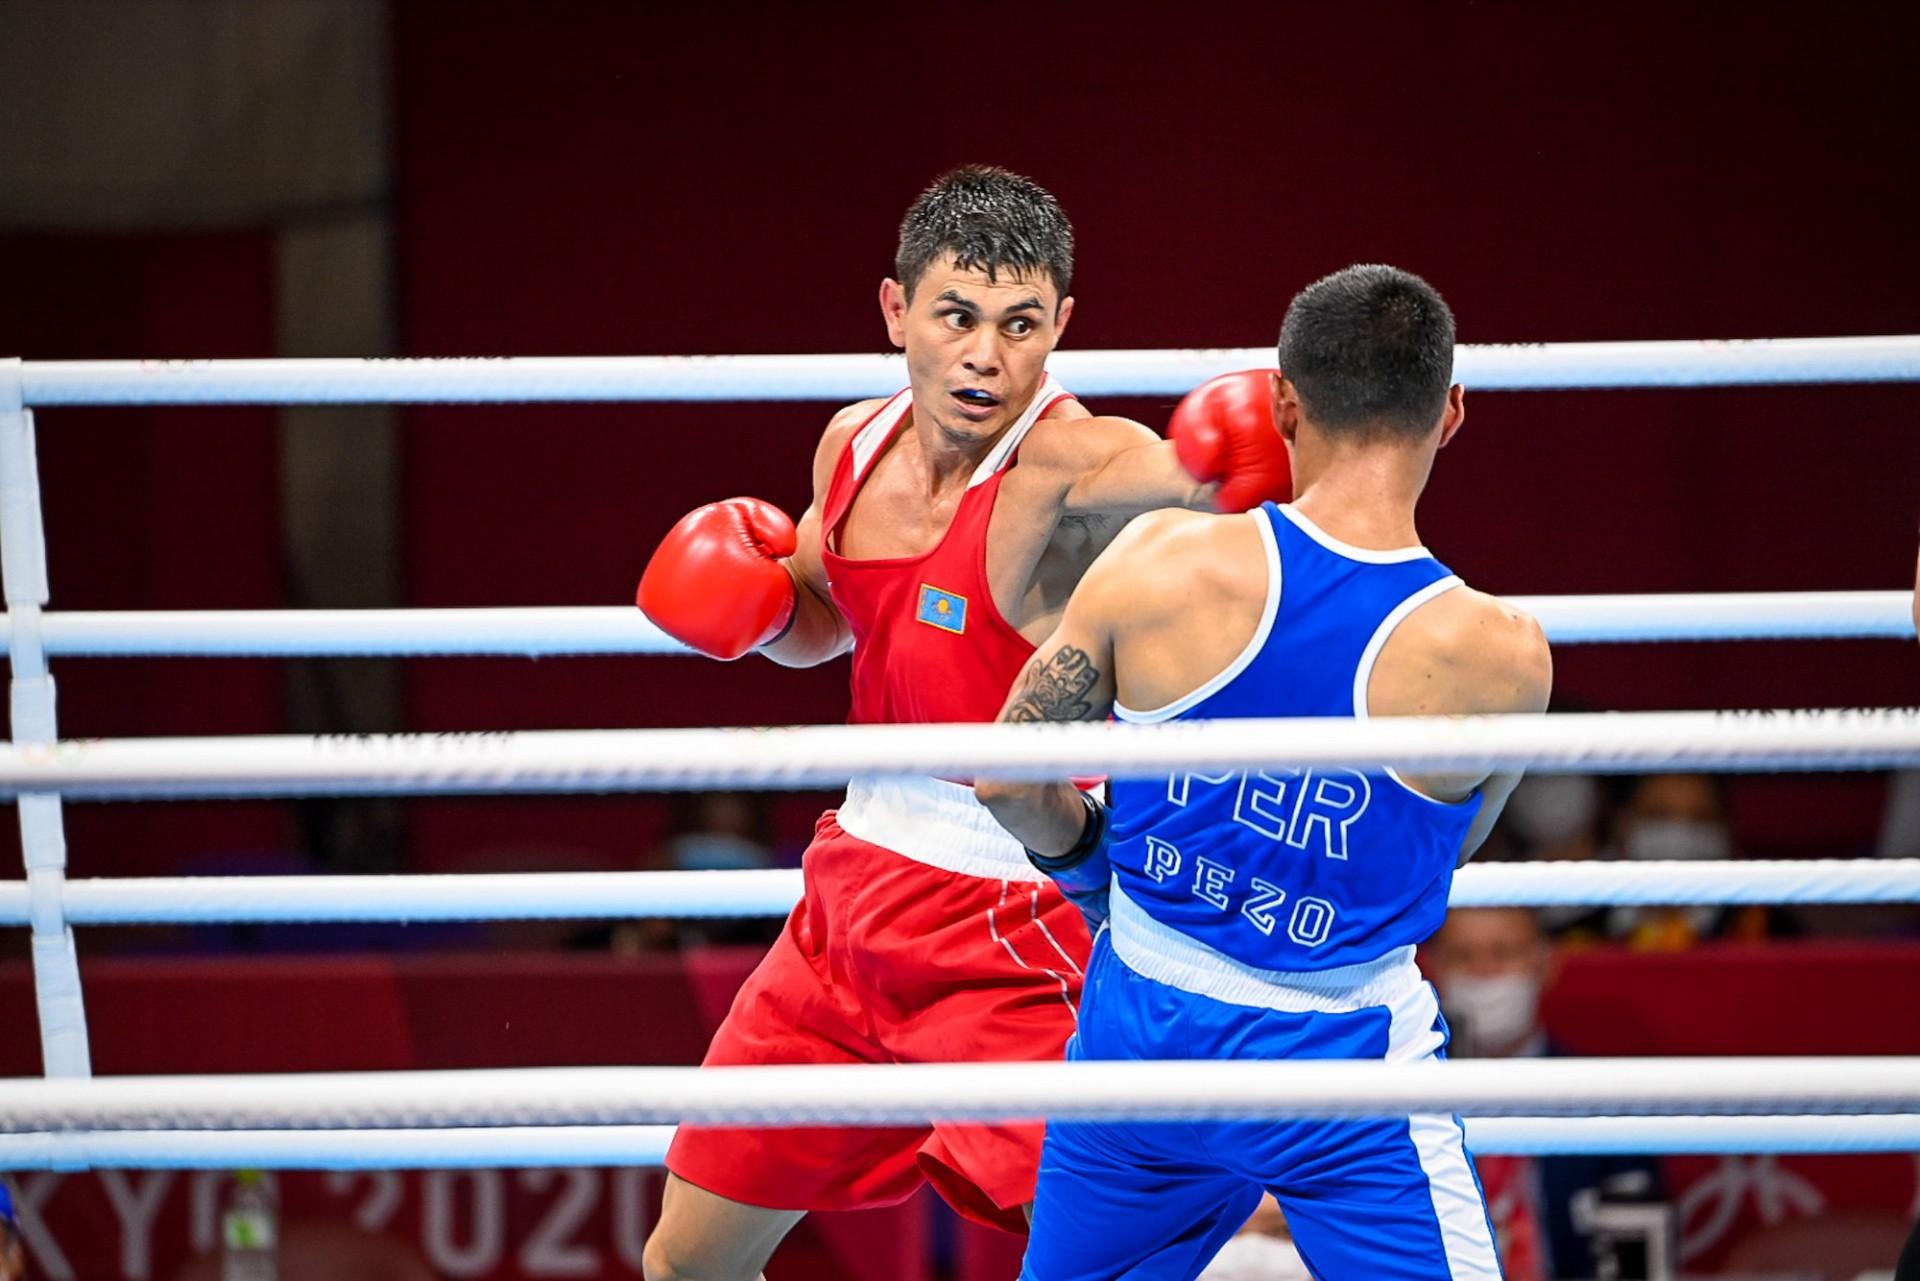 Боксер Закир Сафиуллин вышел в 1/8 финала Олимпийских игр